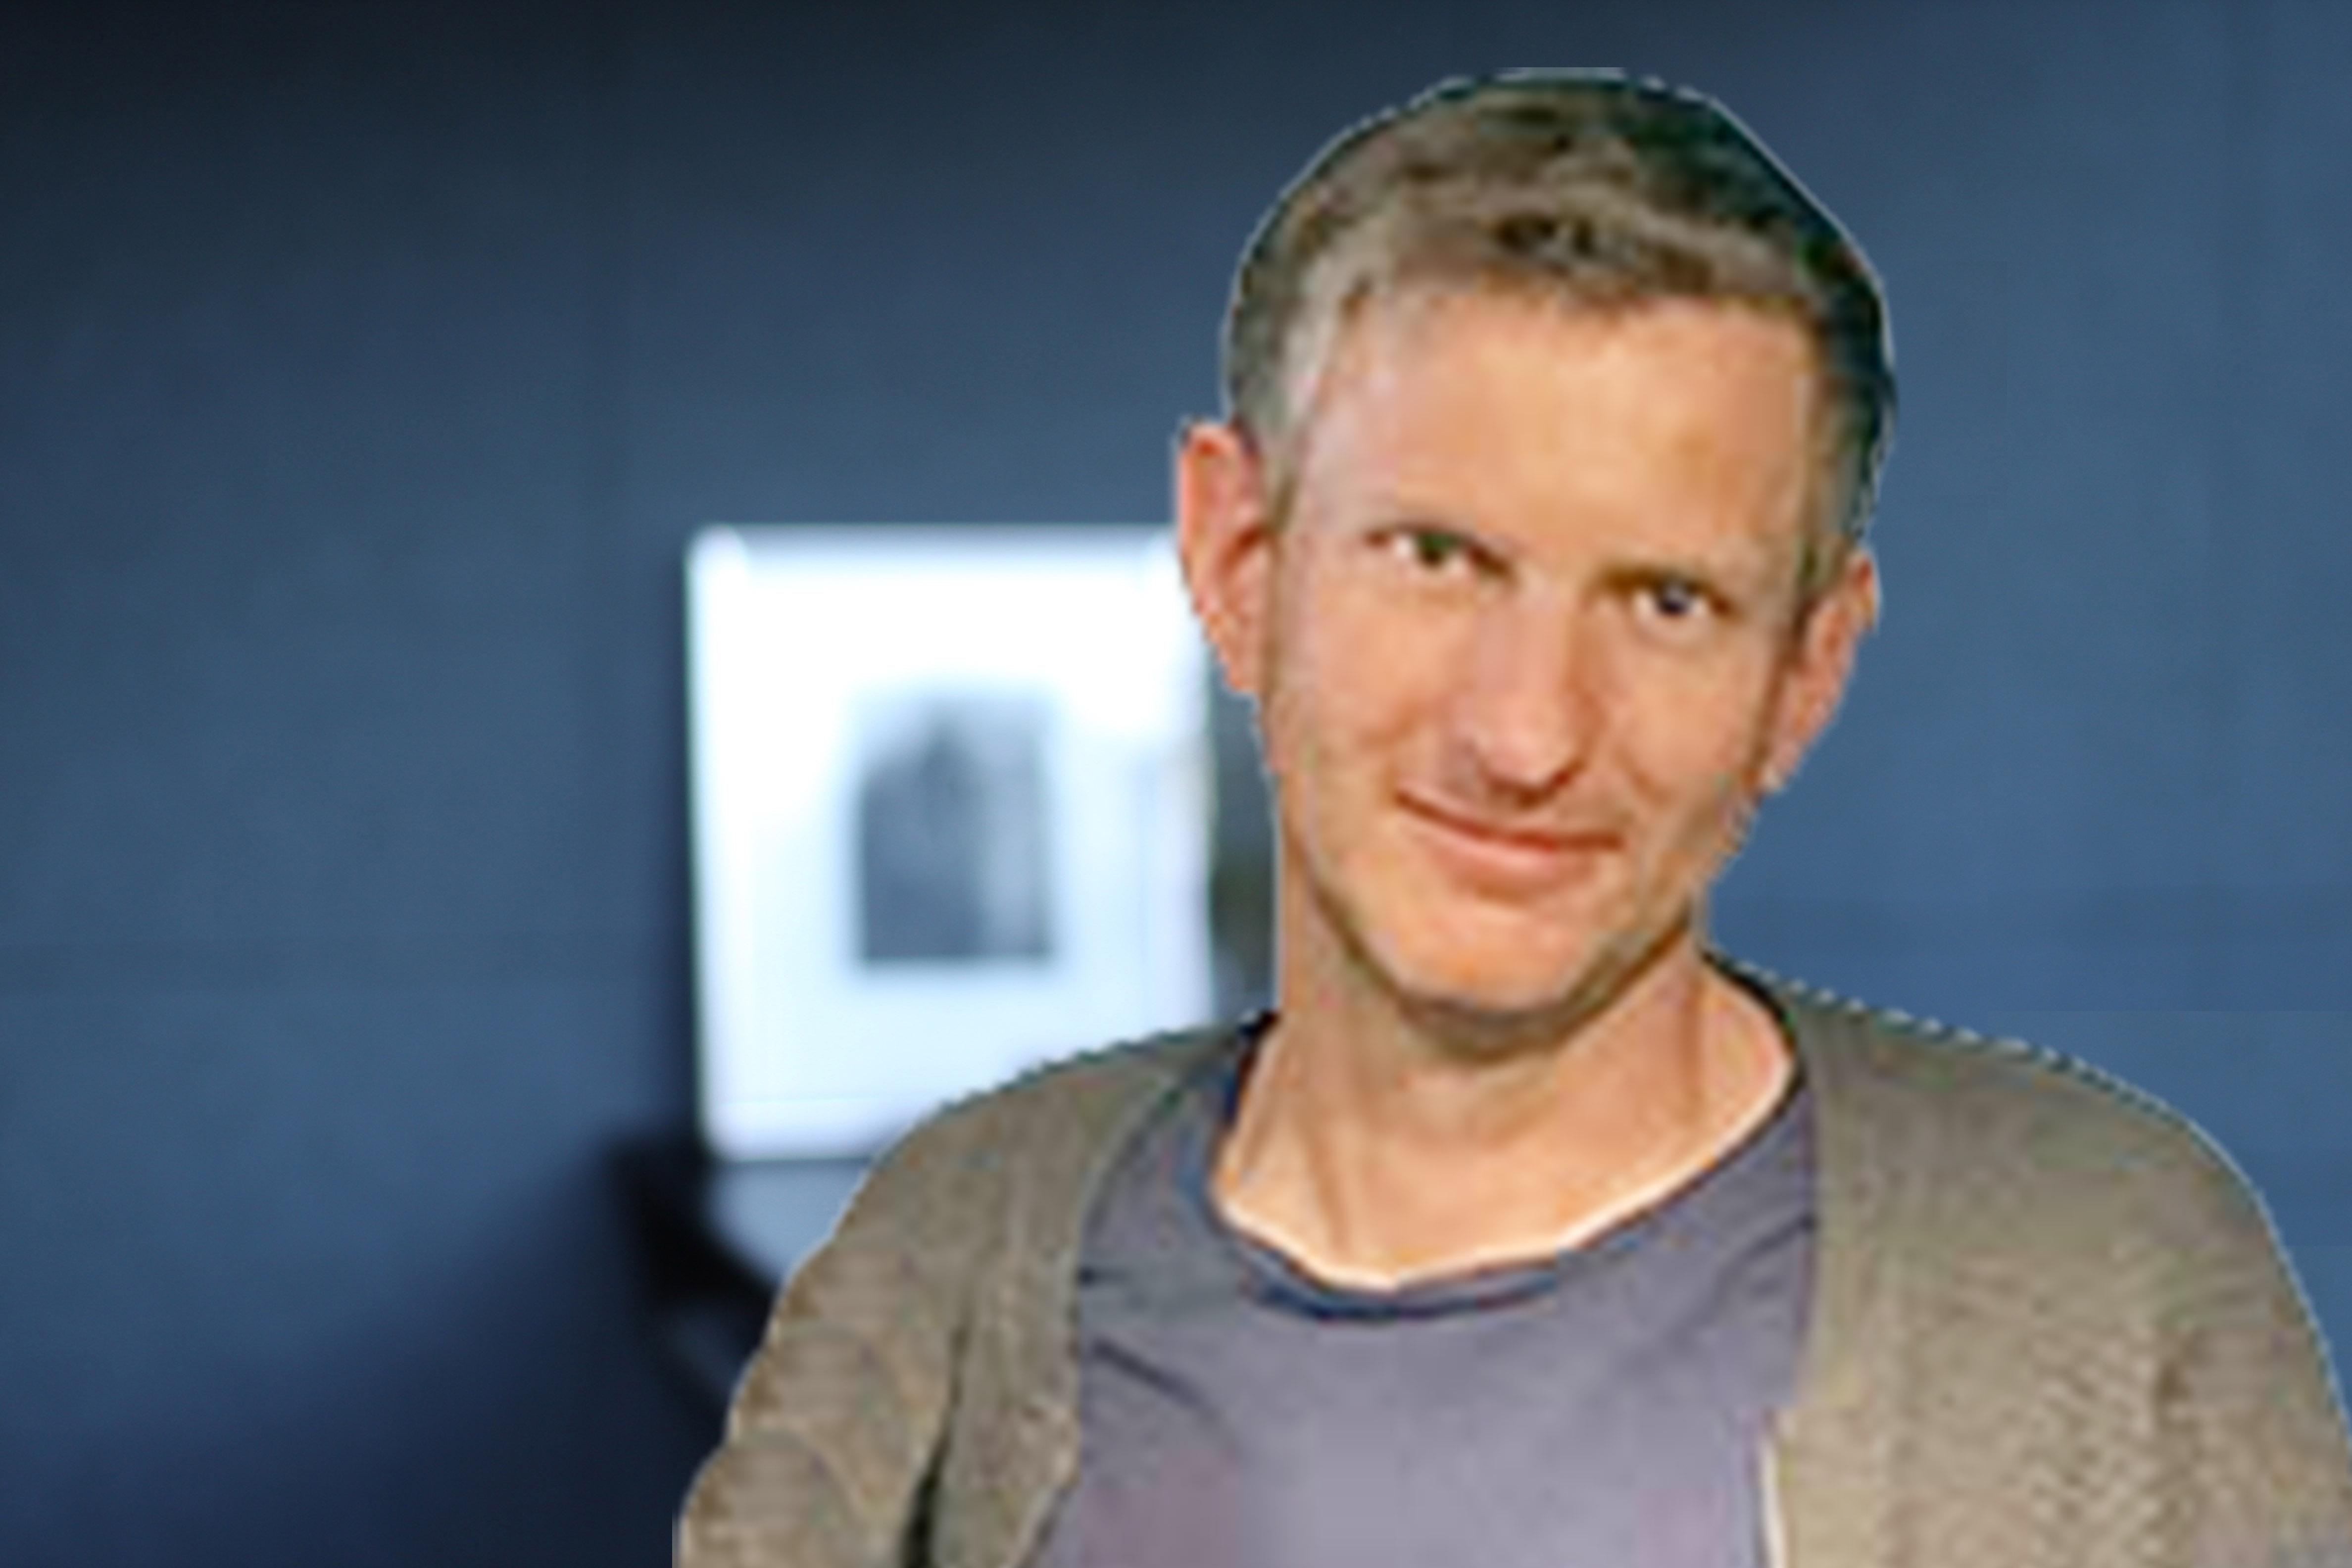 Bjørn Teksle